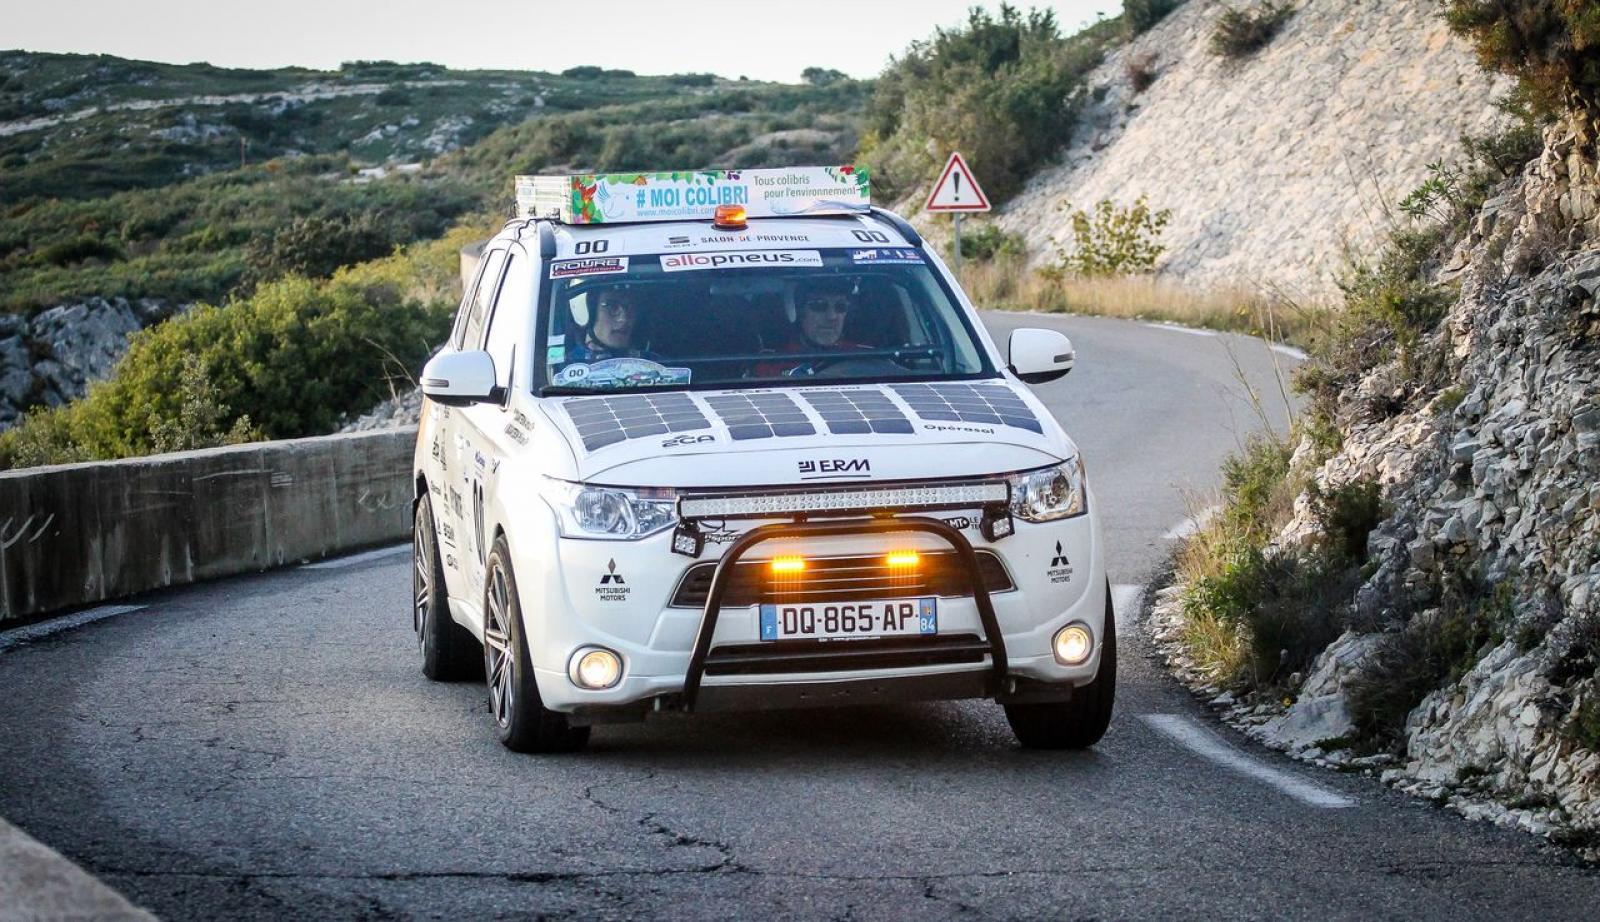 MITSUBISHI Outlander 4x4 PHEV Hybrid og sol til rallyorientering og ekspedition - 3